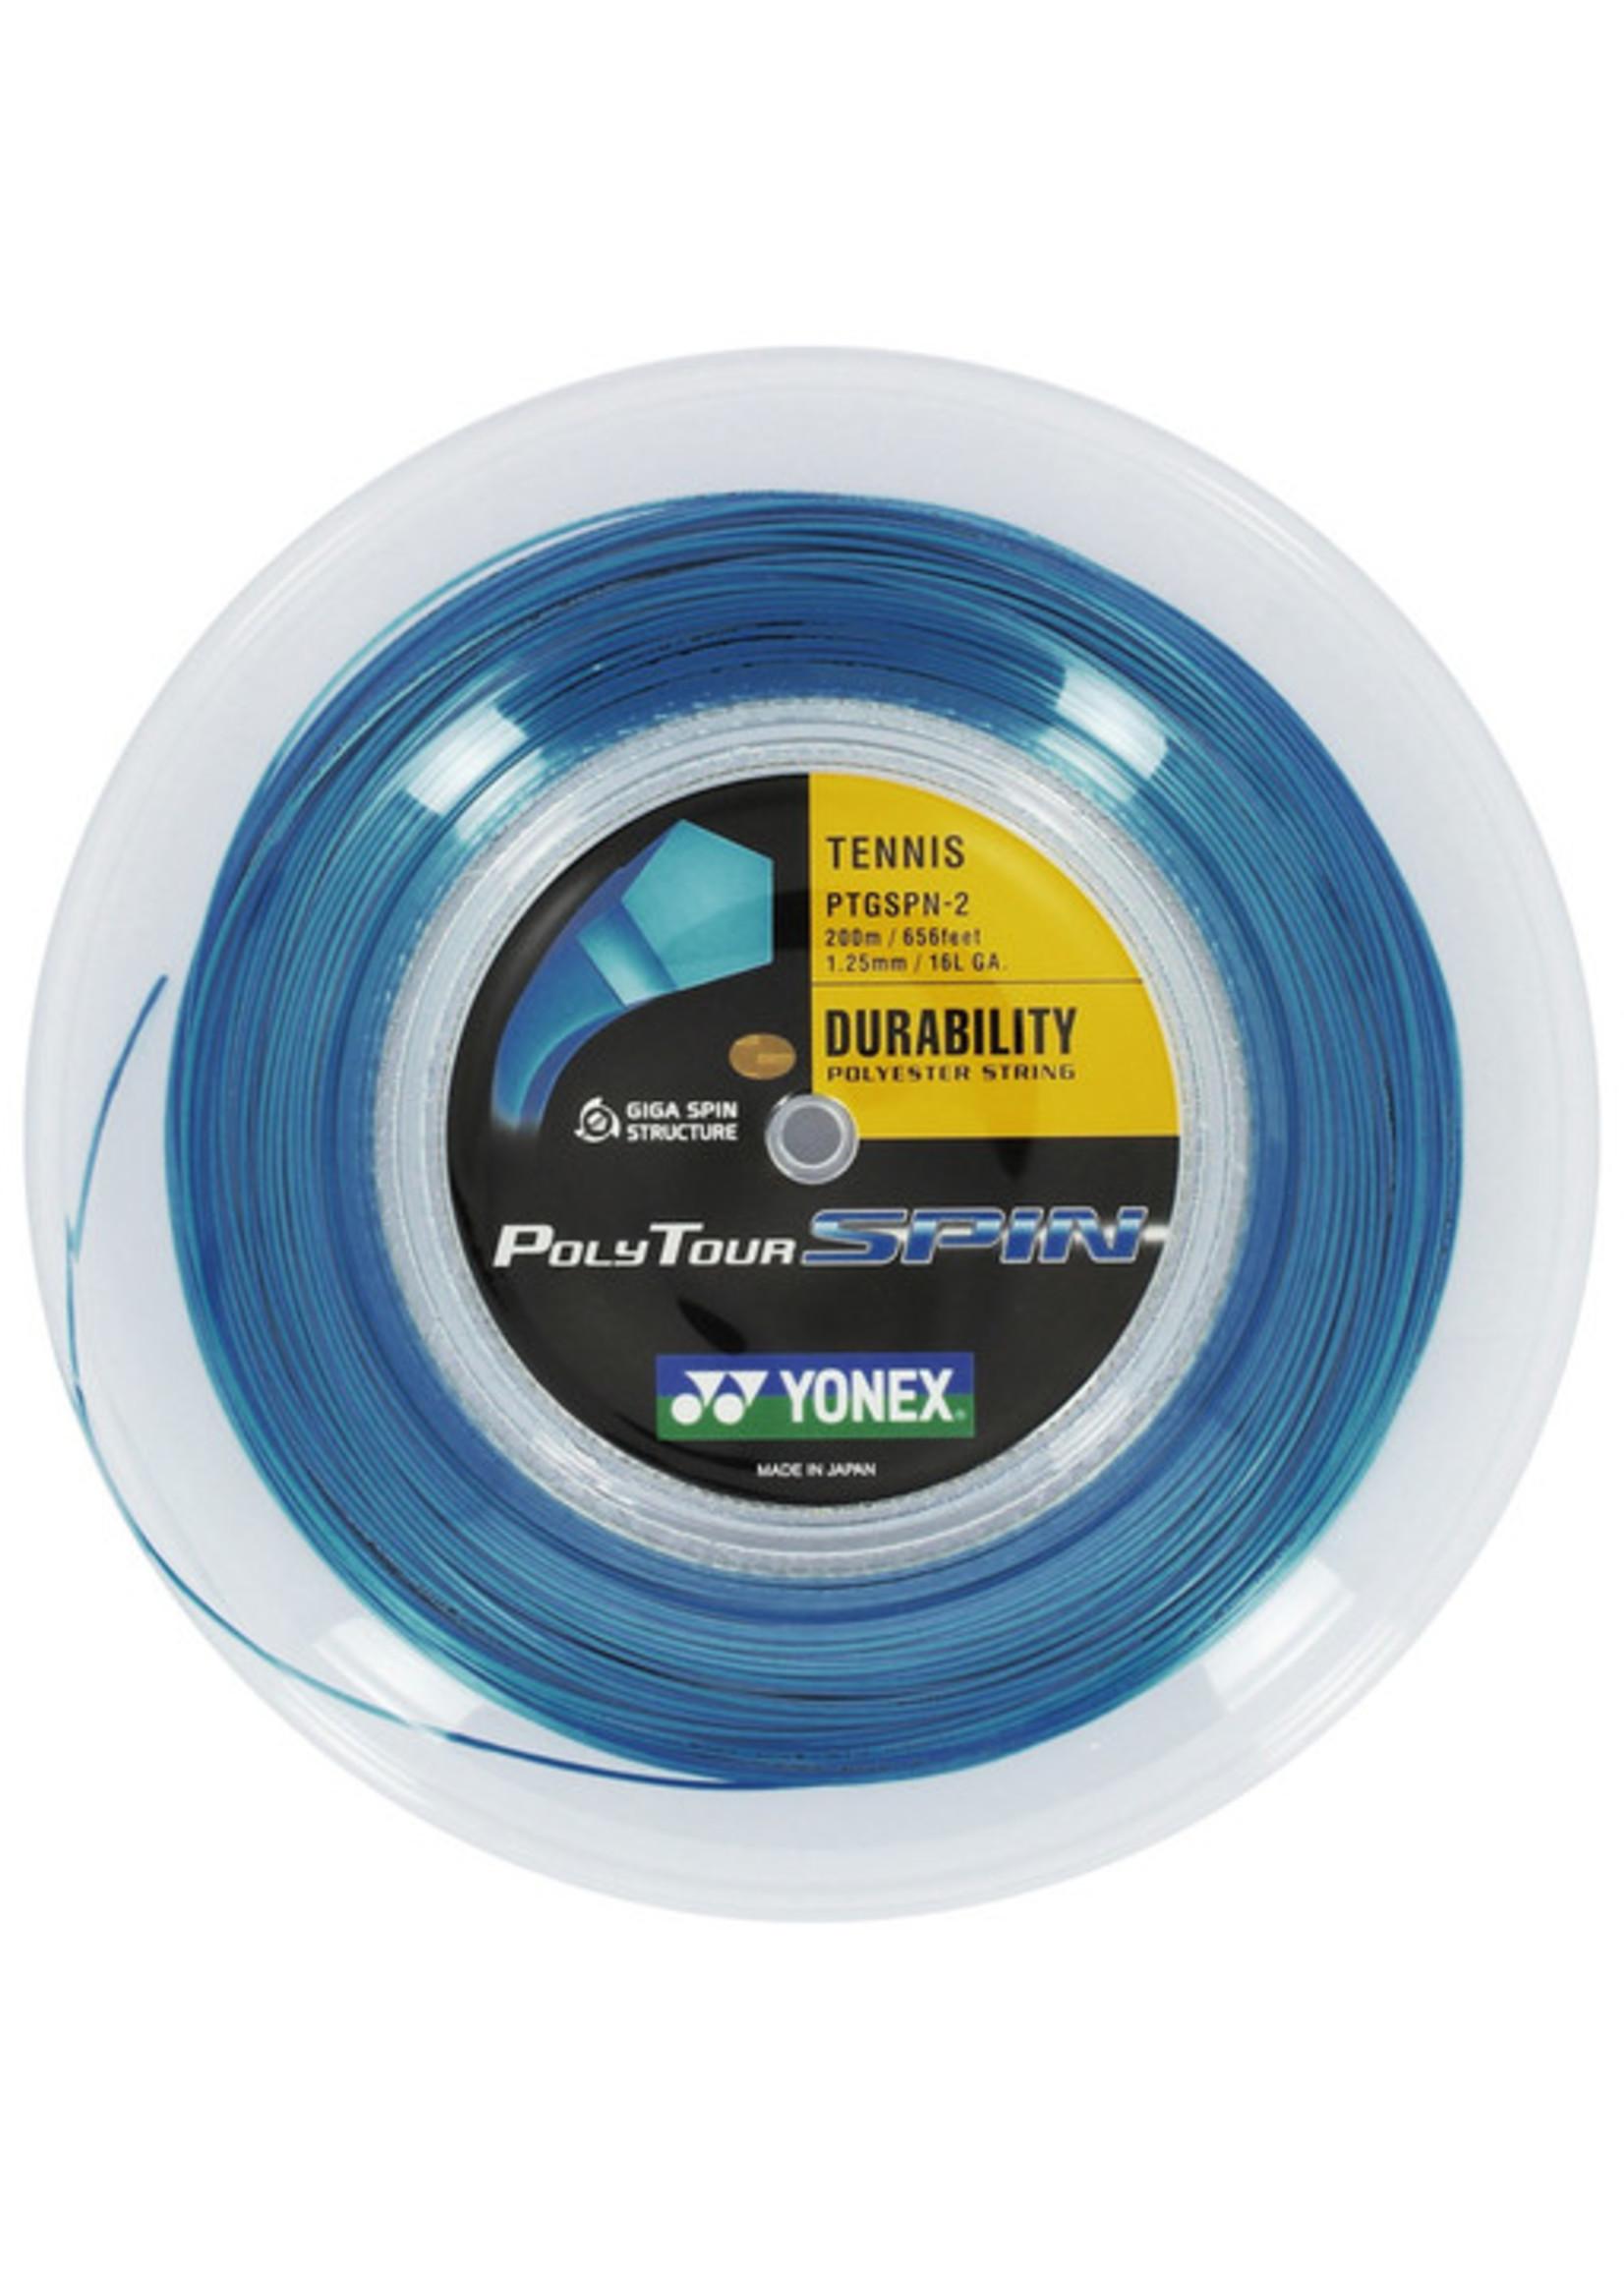 Yonex Yonex PolyTour Spin Tennis String- 200m Reel